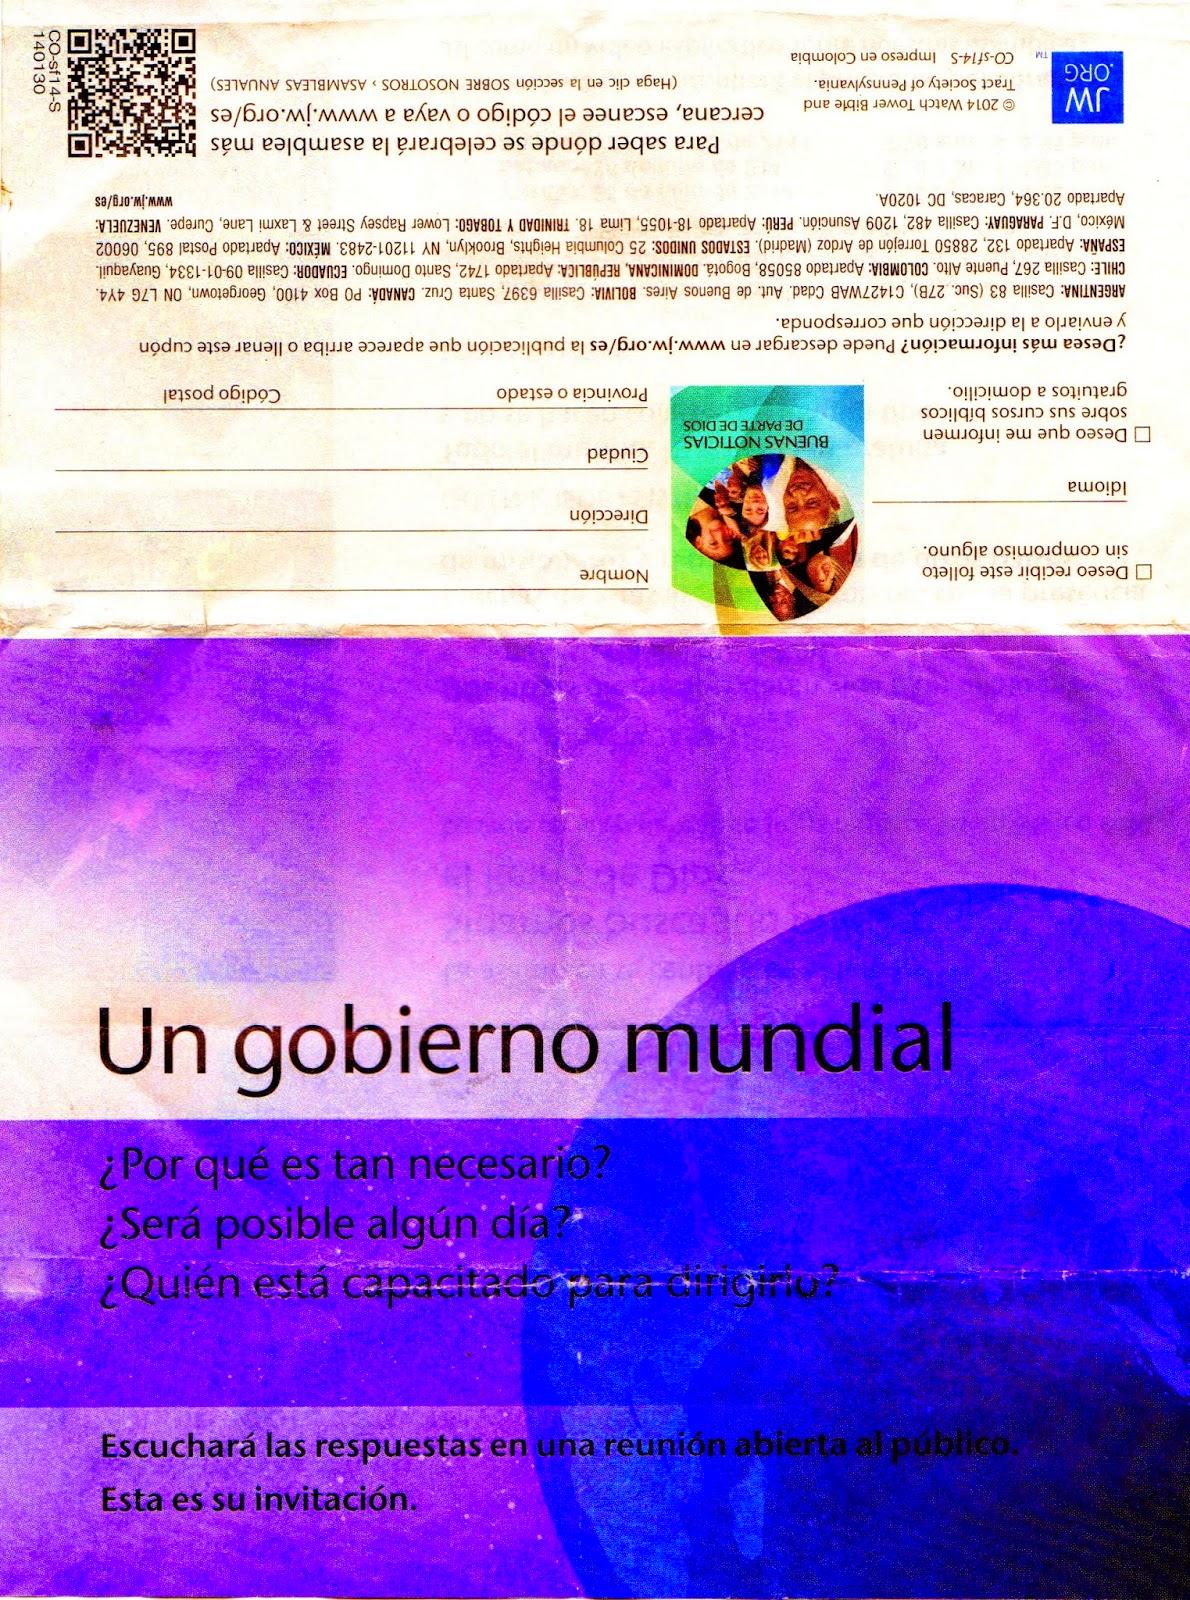 """Los Testigos de Jehová titulan a su asamblea """"Un Nuevo Gobierno Mundial"""". ¿Estan a favor o en contra del Nuevo Orden Mundial de la Bestia? UN+GOBIERNO+MUNDIAL.+Testigos+de+Jehov%C3%A1.+Jehovah%27s+Witnesses.+Propaganda.+Parte+externa"""